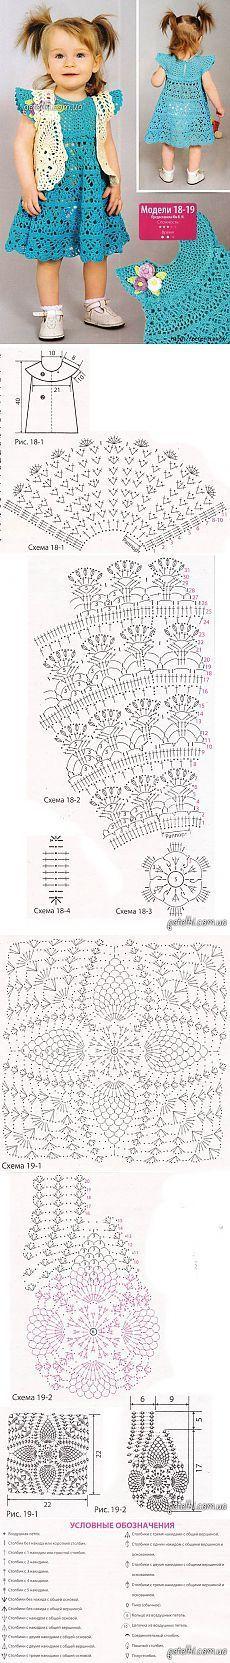 Free Graphics Crochet Patterns - Crochet Patrones Gráficos Gratuitos: Vestidito de Niña Crochet color turqueza